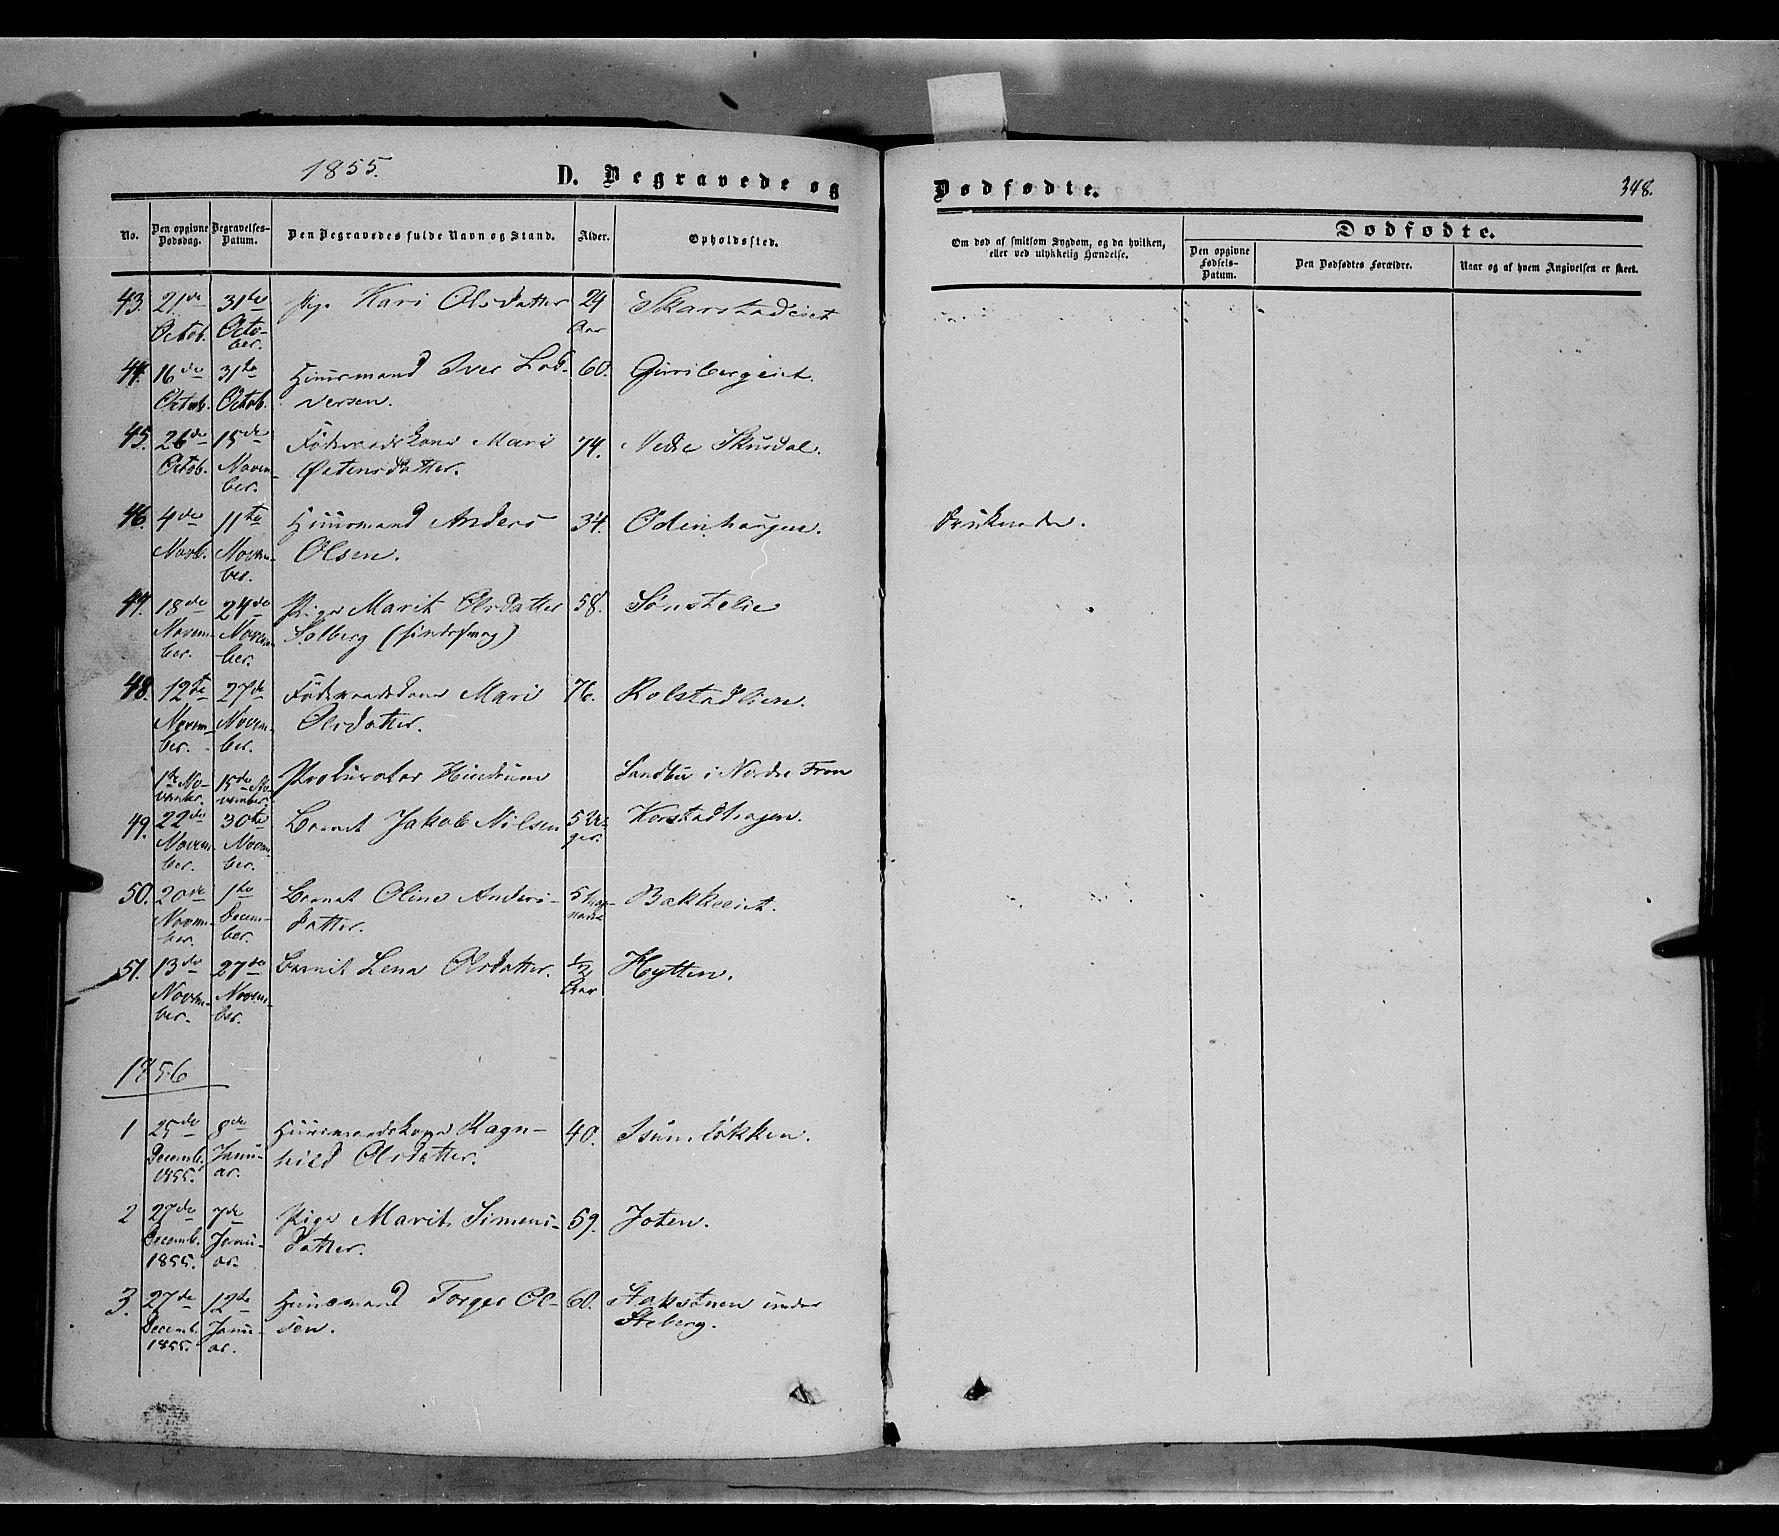 SAH, Sør-Fron prestekontor, H/Ha/Haa/L0001: Ministerialbok nr. 1, 1849-1863, s. 348